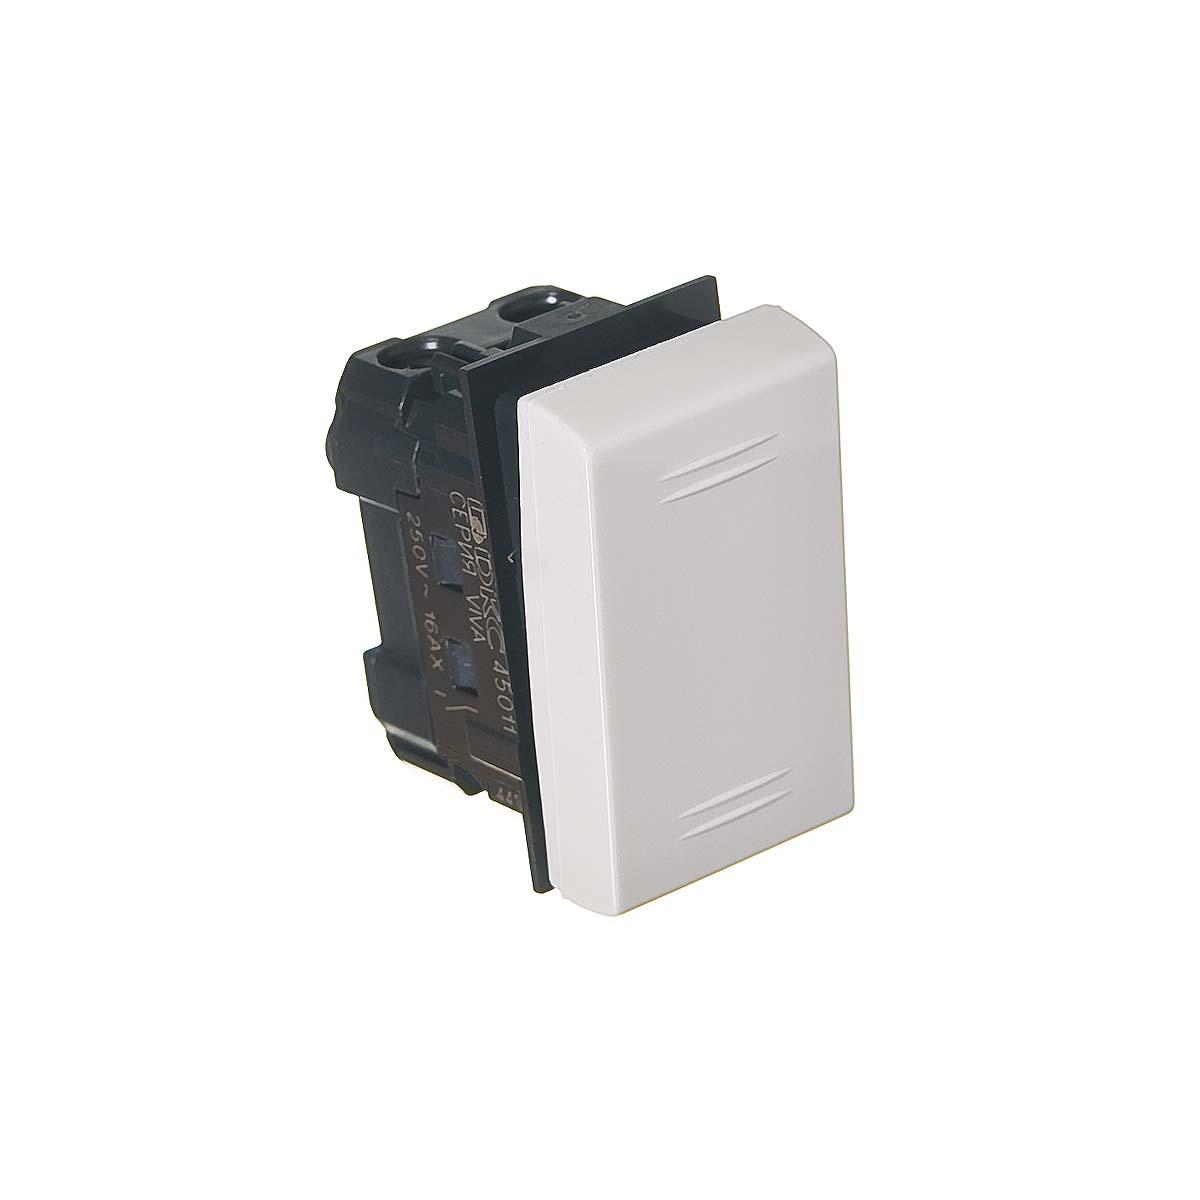 Выключатель для кабель-канала ДКС белый 1 модуль, Viva